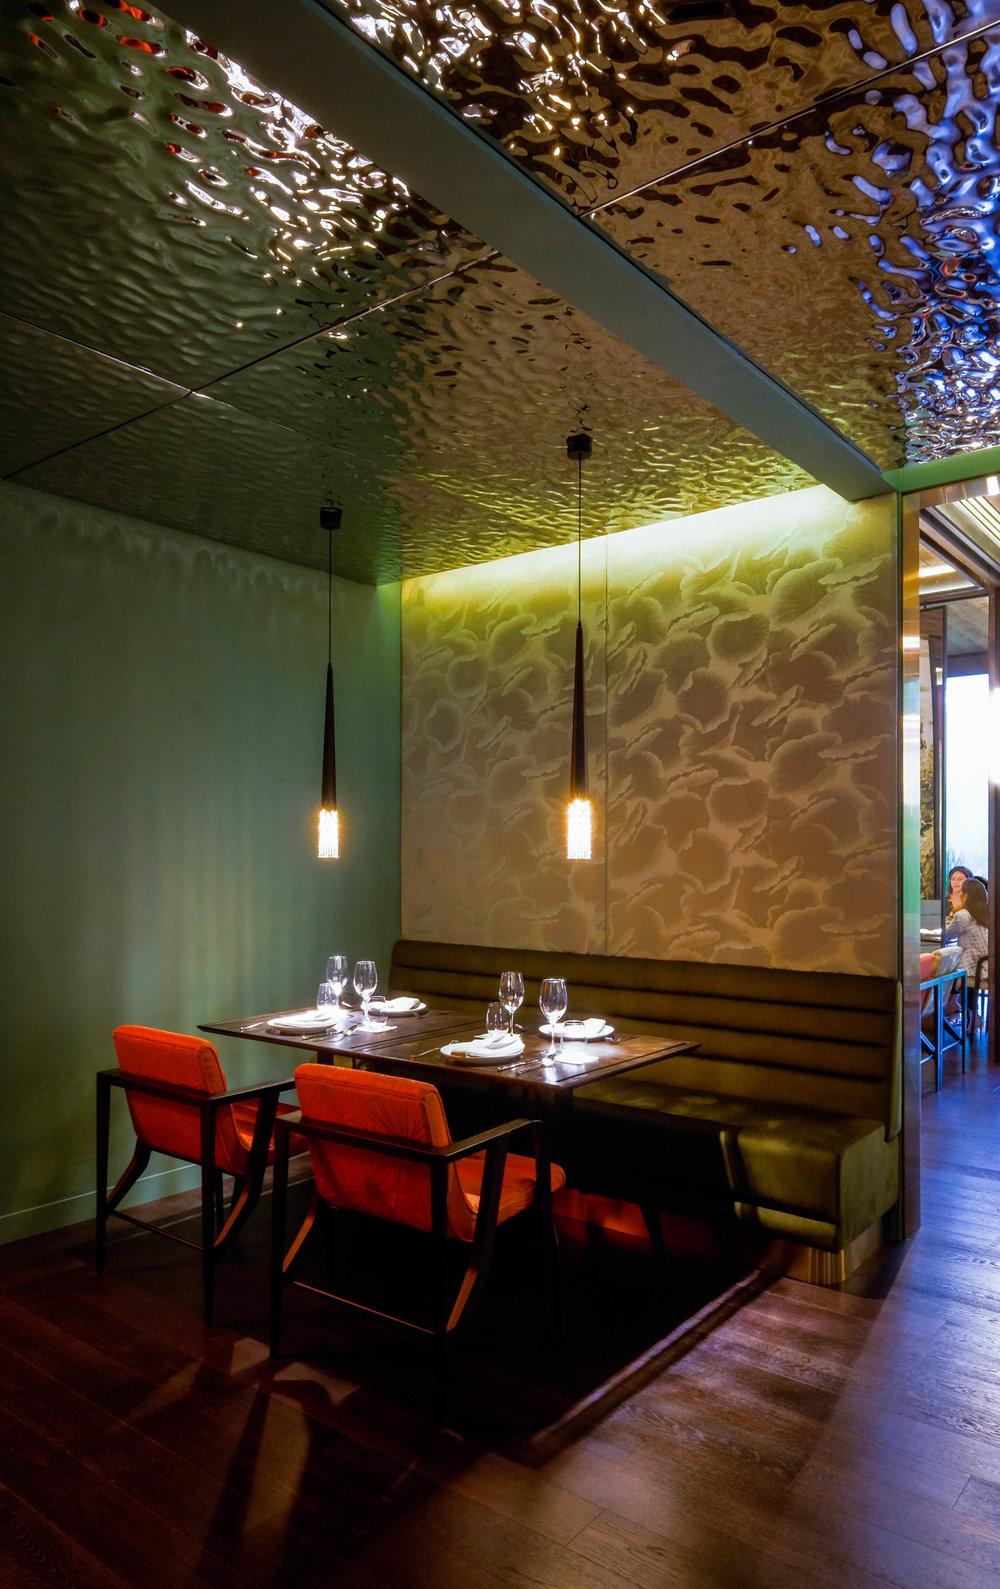 BOIFFILS-Spirit-Restaurant-Jim Thompson-11.jpg